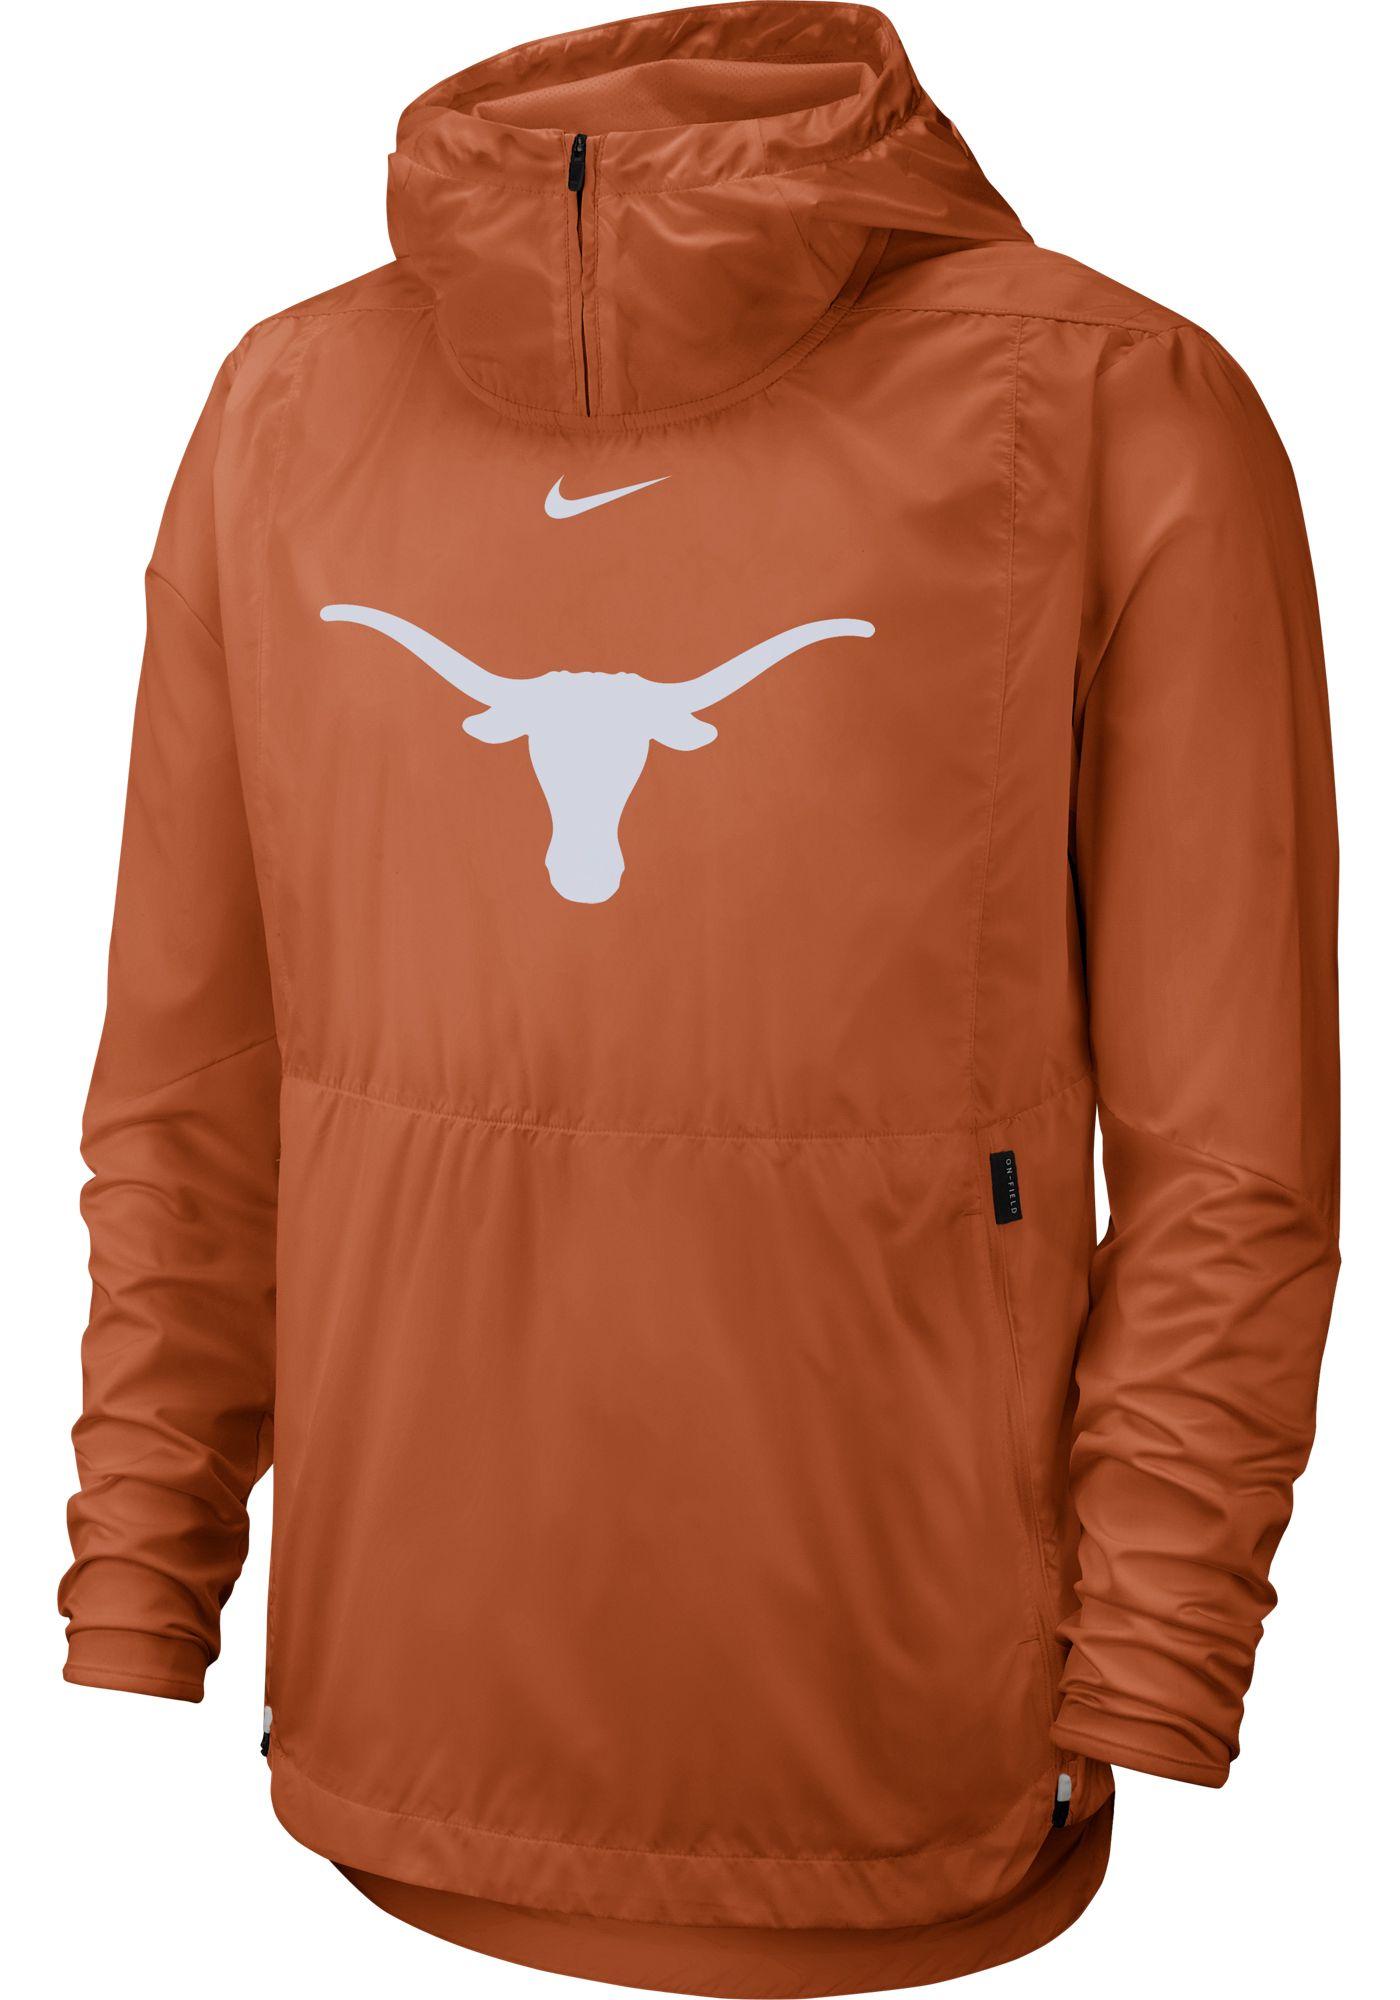 Nike Men's Texas Longhorns Burnt Orange Repel Football Sideline Player Pullover Hoodie